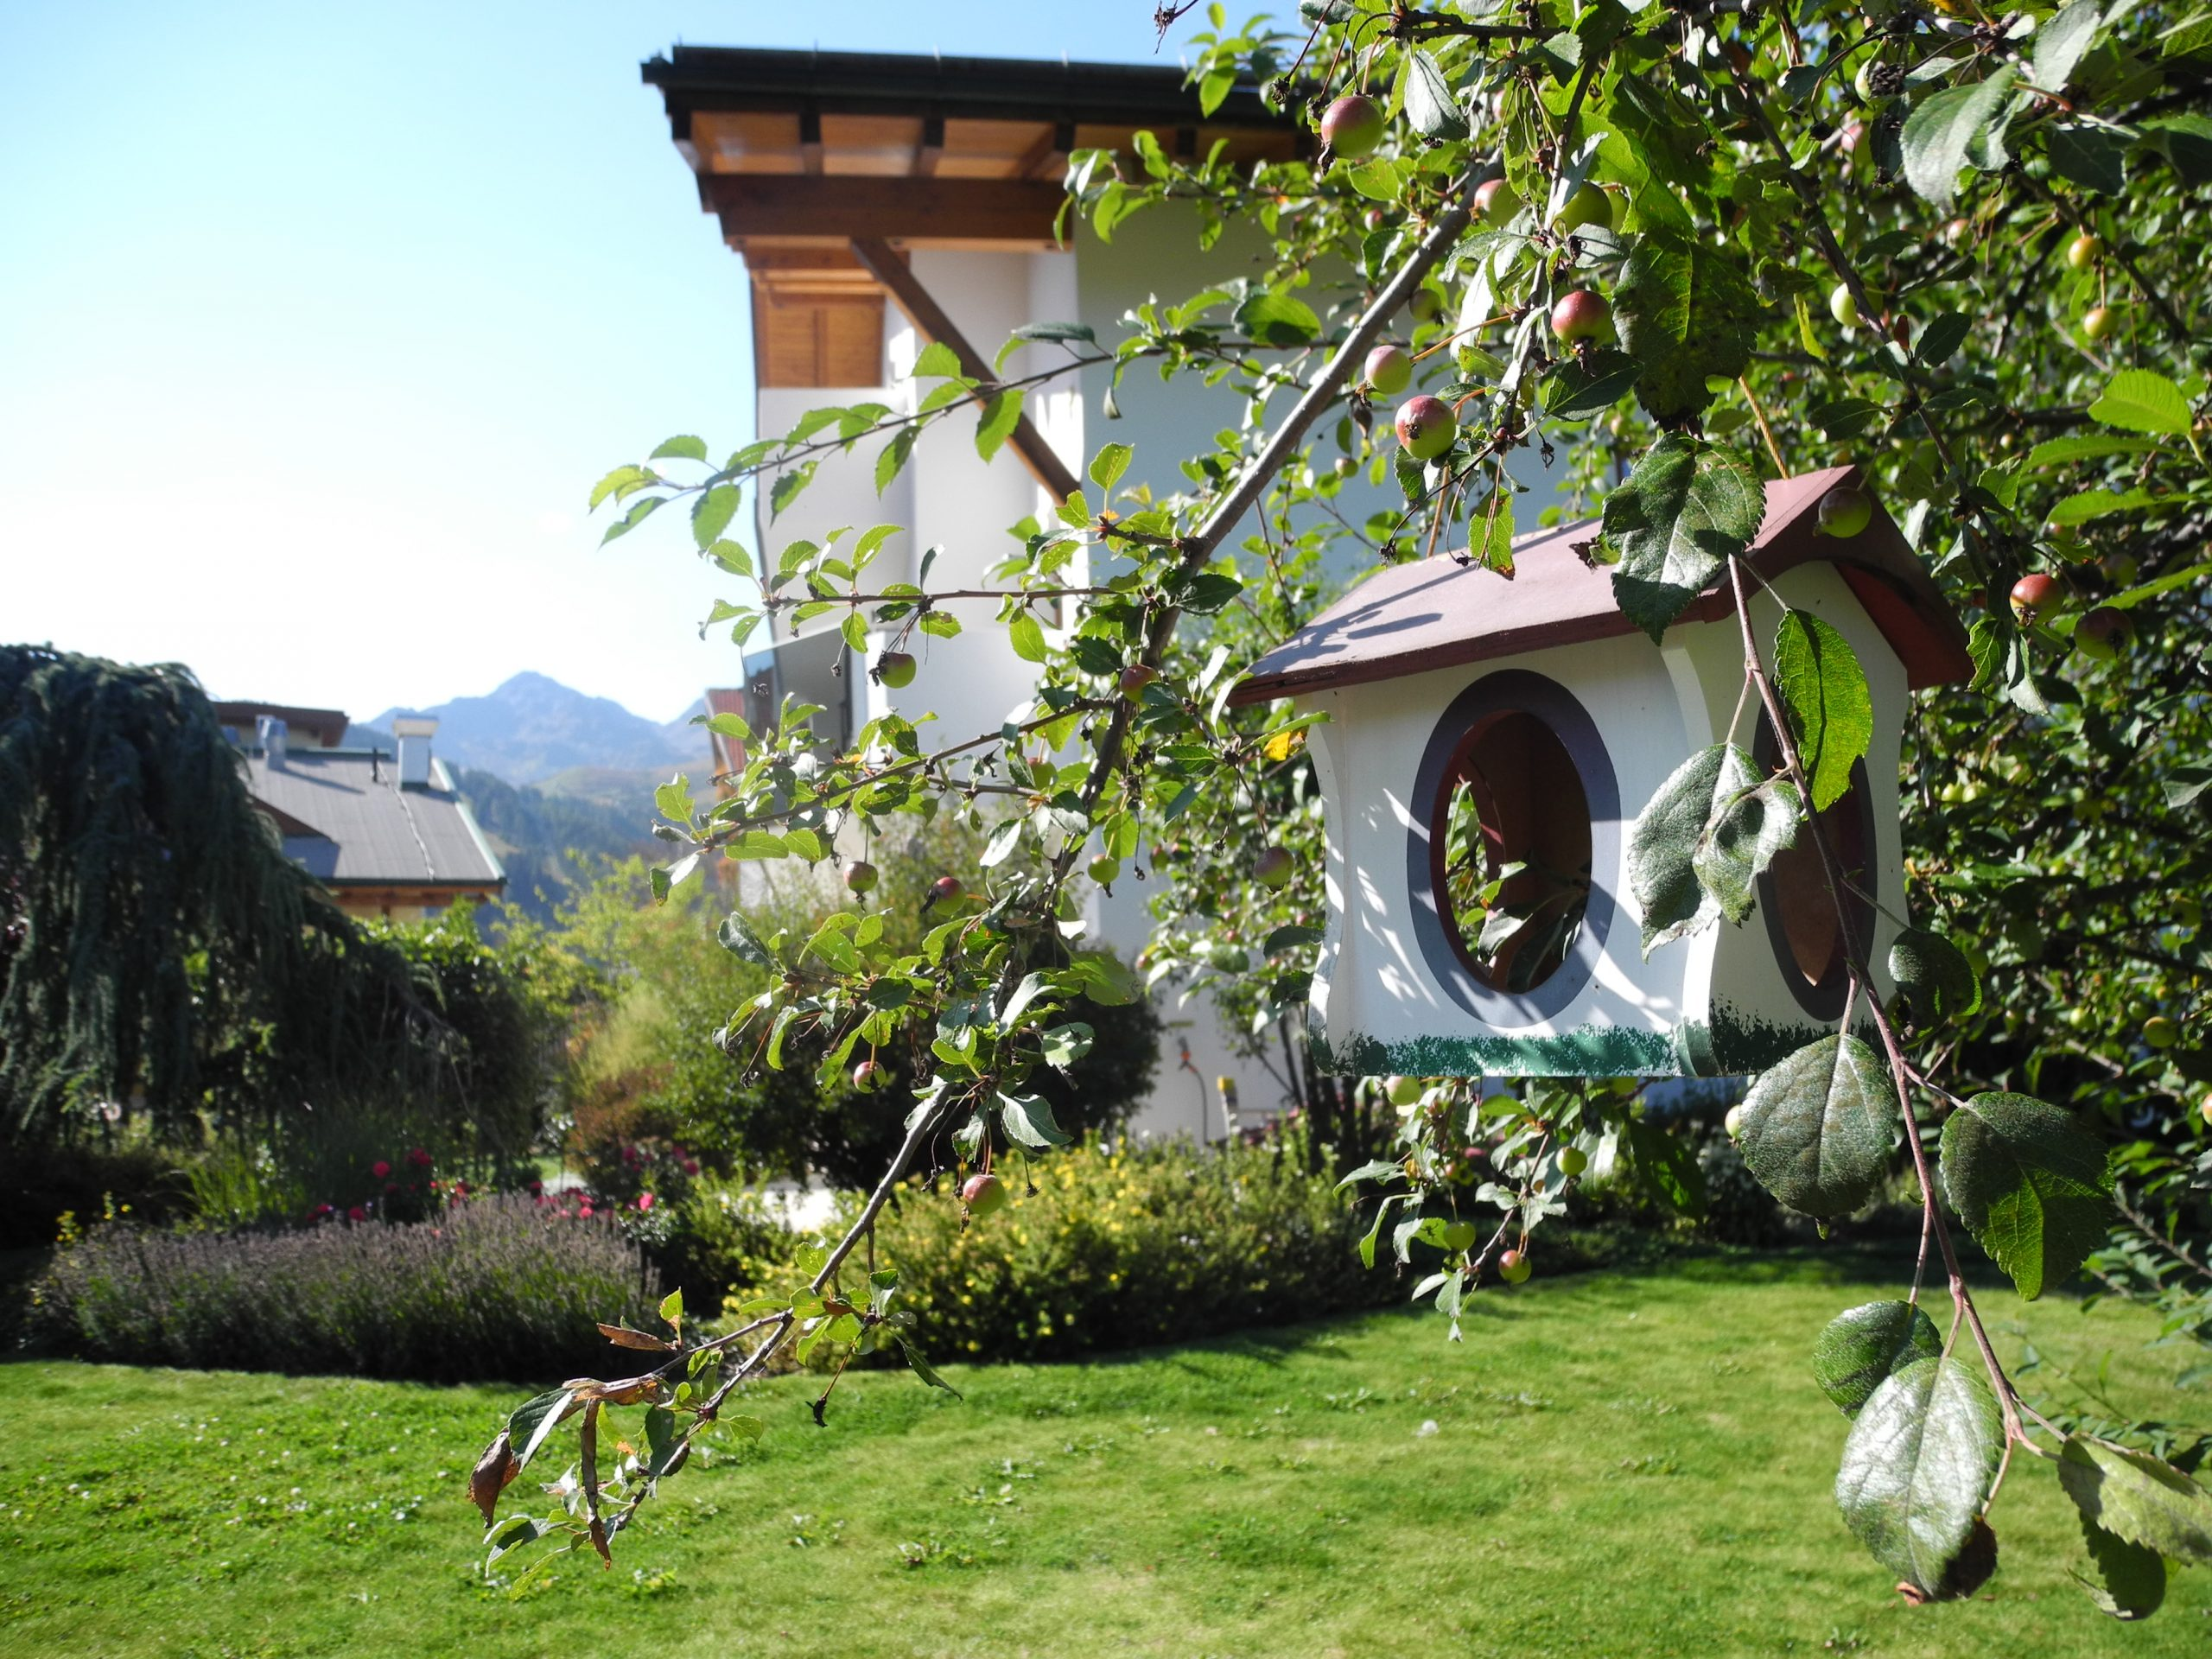 Sulla Collina, Garten, Vogelhaus